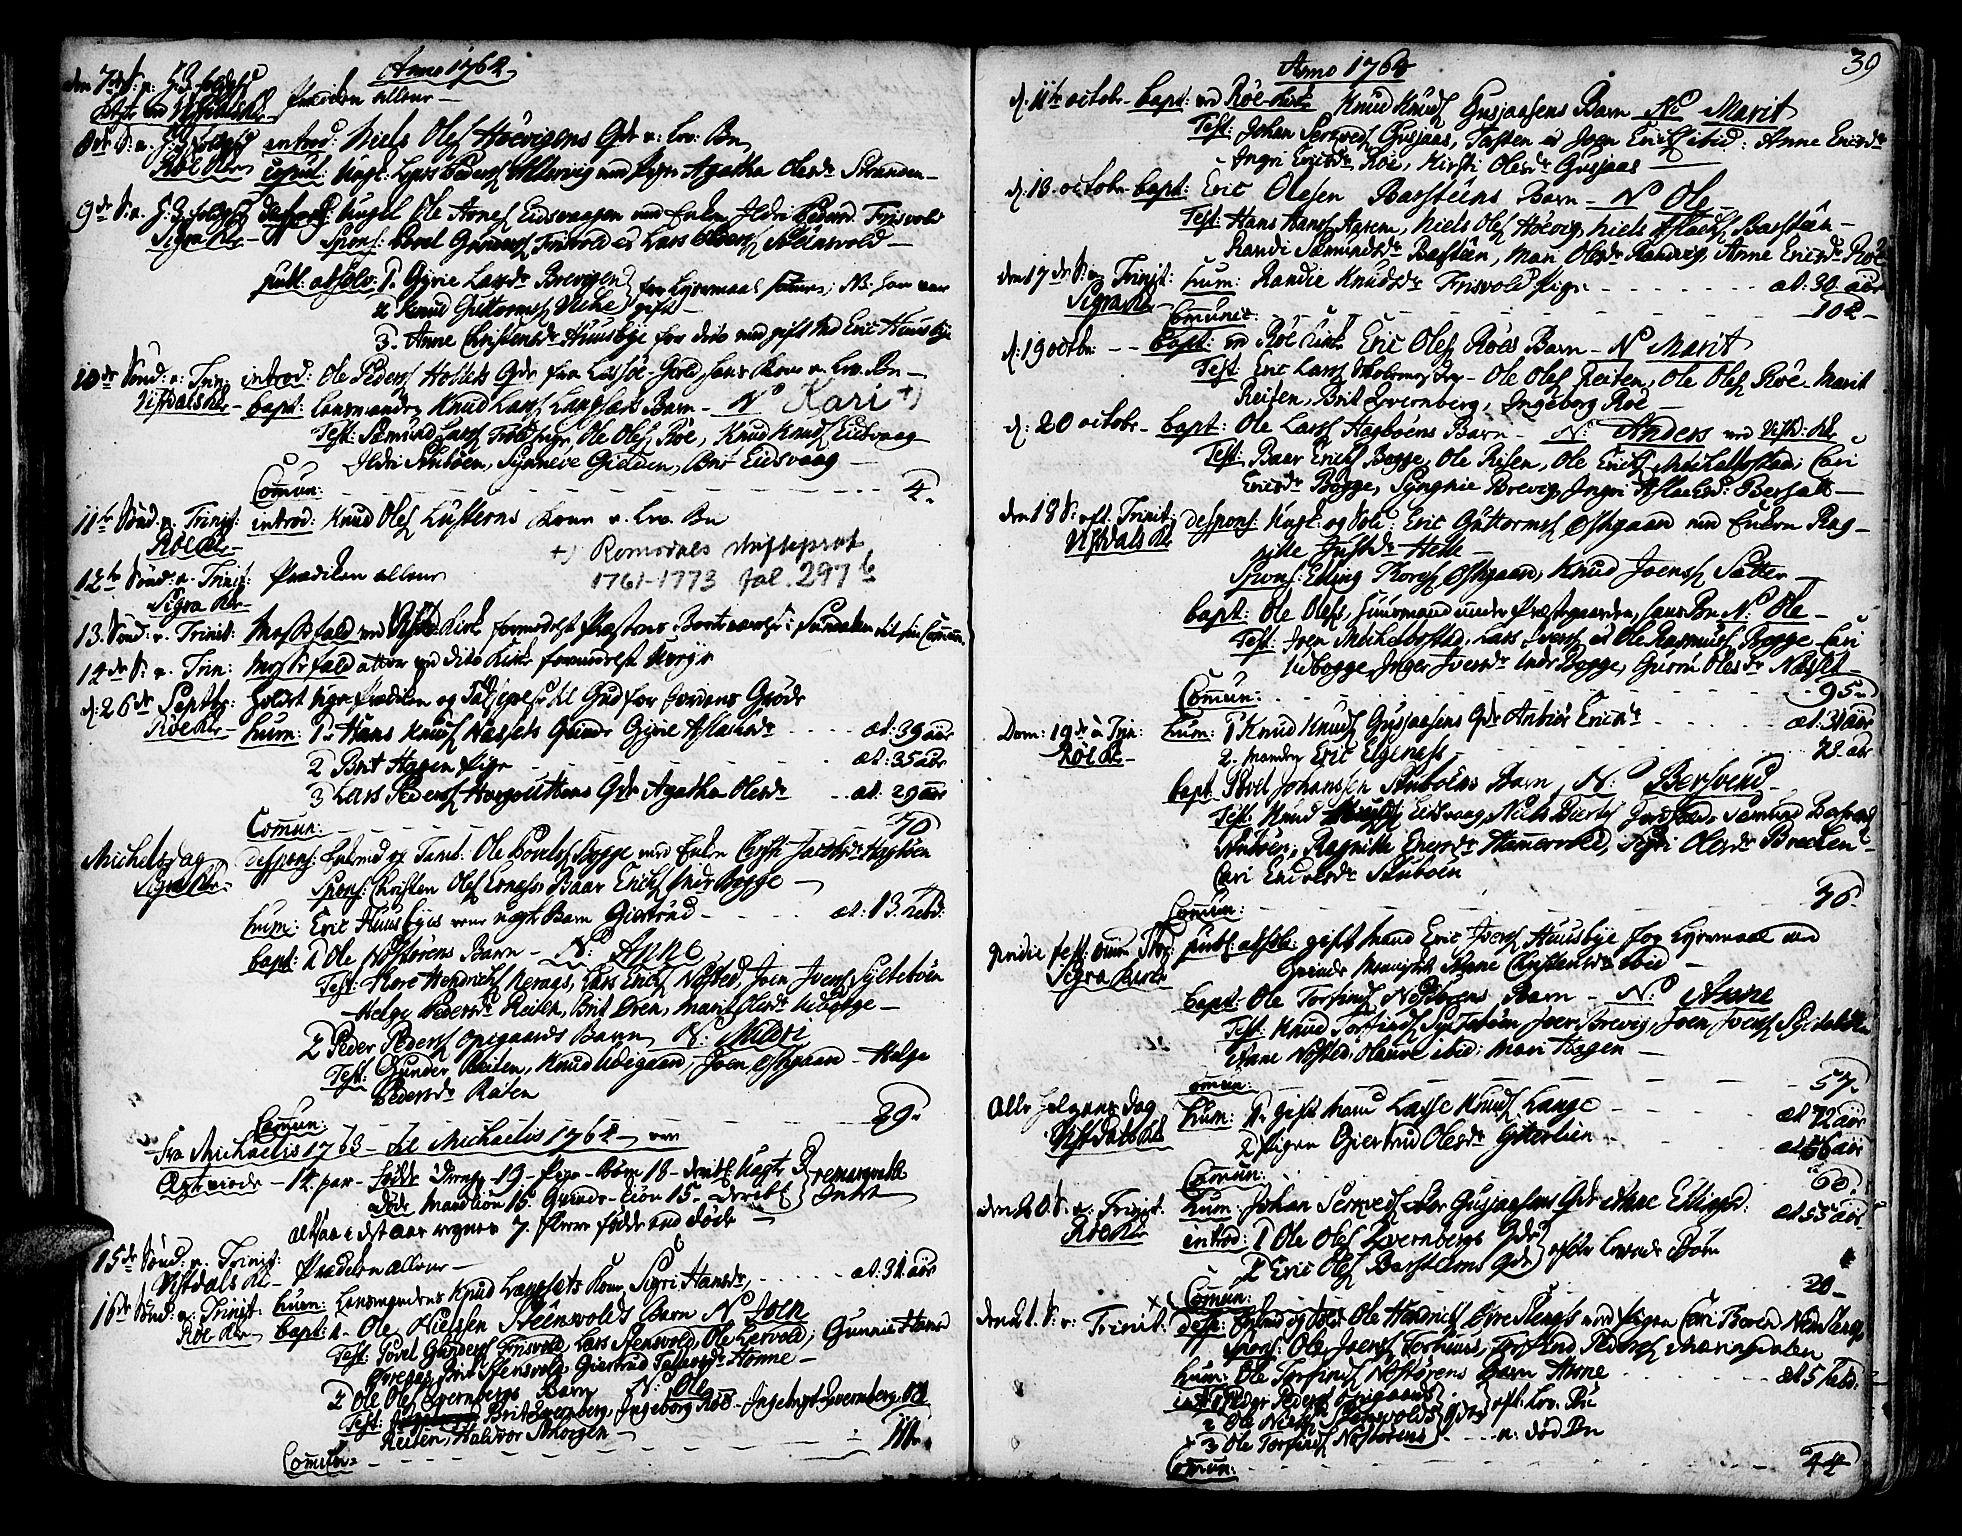 SAT, Ministerialprotokoller, klokkerbøker og fødselsregistre - Møre og Romsdal, 551/L0621: Ministerialbok nr. 551A01, 1757-1803, s. 39